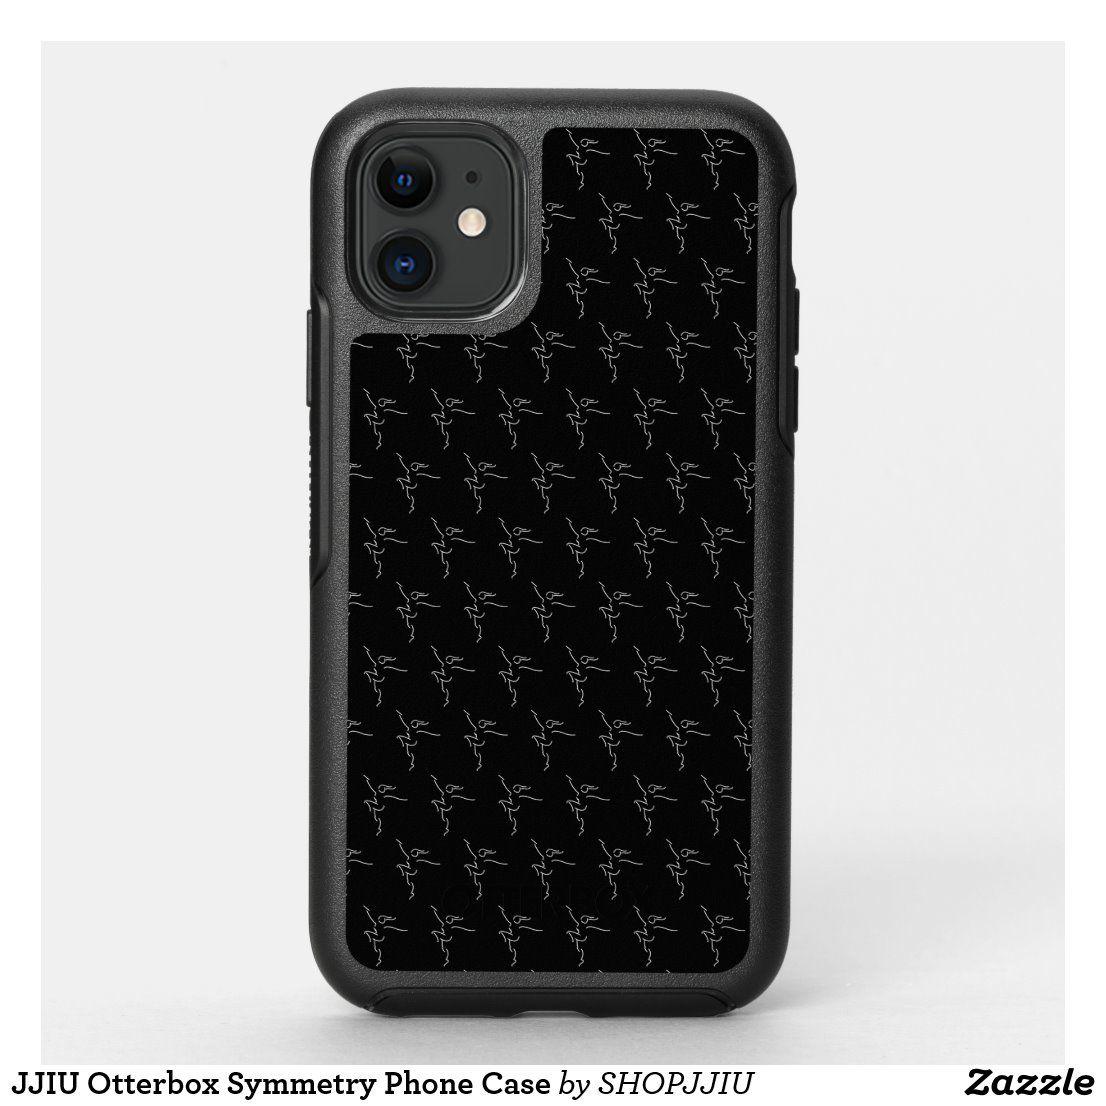 JJIU Otterbox phone case in black